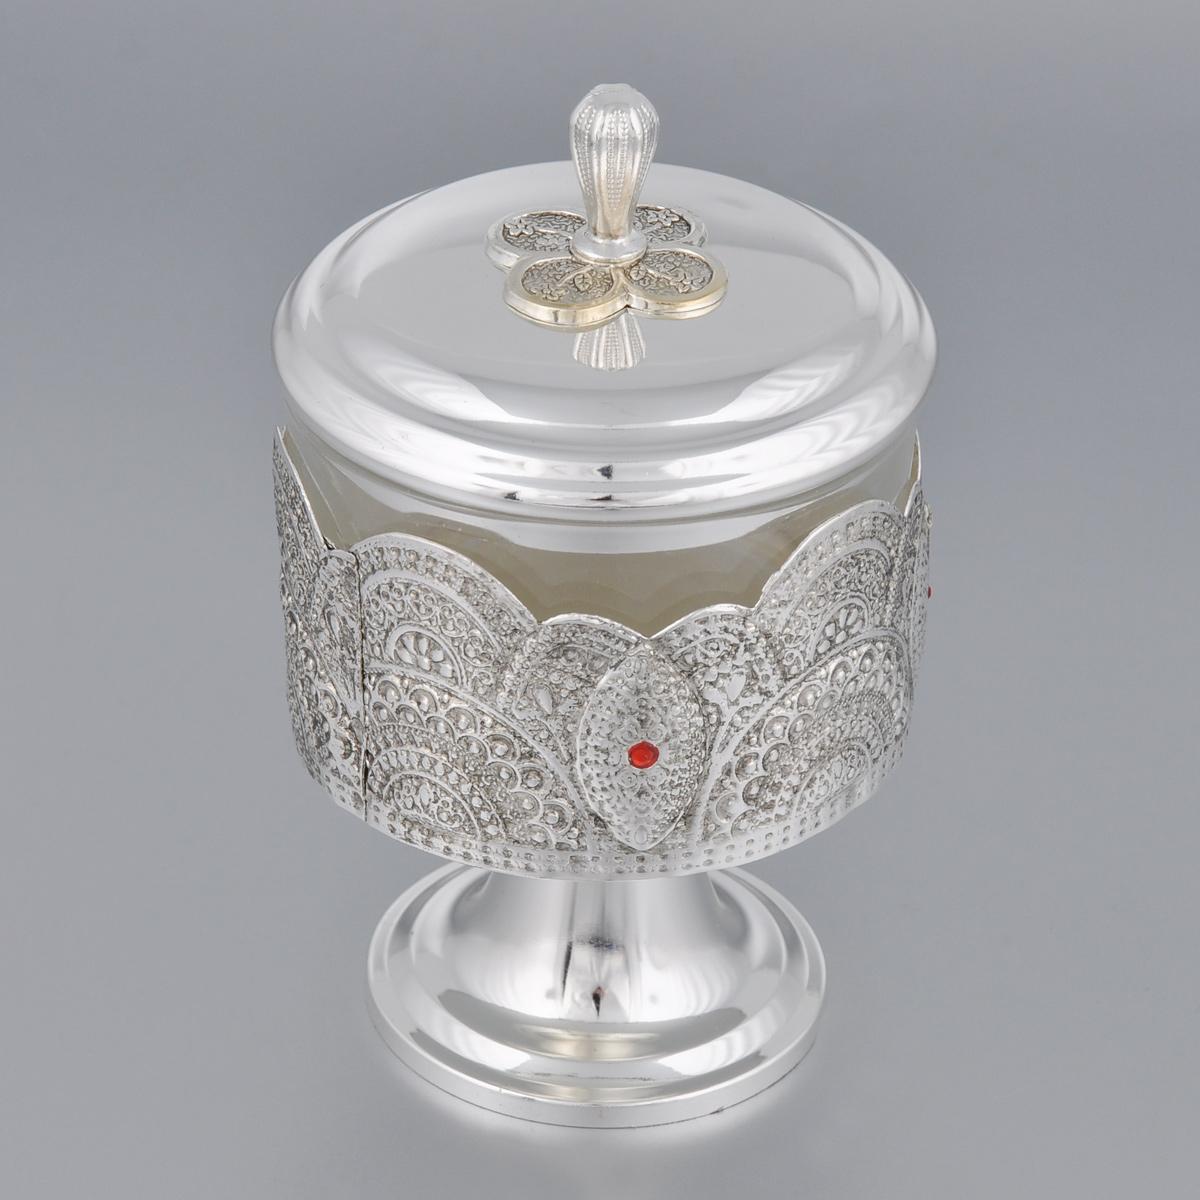 Сахарница Marquis. 2190-MR2190-MRСахарница Marquis изготовлена из стали с никель-серебряным покрытием. Изделие выполнено в классическом стиле и украшено изящным рельефом и перфорацией. Сахарница оснащена стеклянной емкостью и крышкой. Сахарница Marquis станет незаменимым атрибутом любого чаепития, праздничного, вечернего или на открытом воздухе, а также подчеркнет ваш изысканный вкус. Диаметр сахарницы (по верхнему краю): 8,5 см. Диаметр основания: 6,8 см. Высота сахарницы (без учета крышки): 10,5 см. Высота сахарницы (с учетом крышки): 14,5 см.